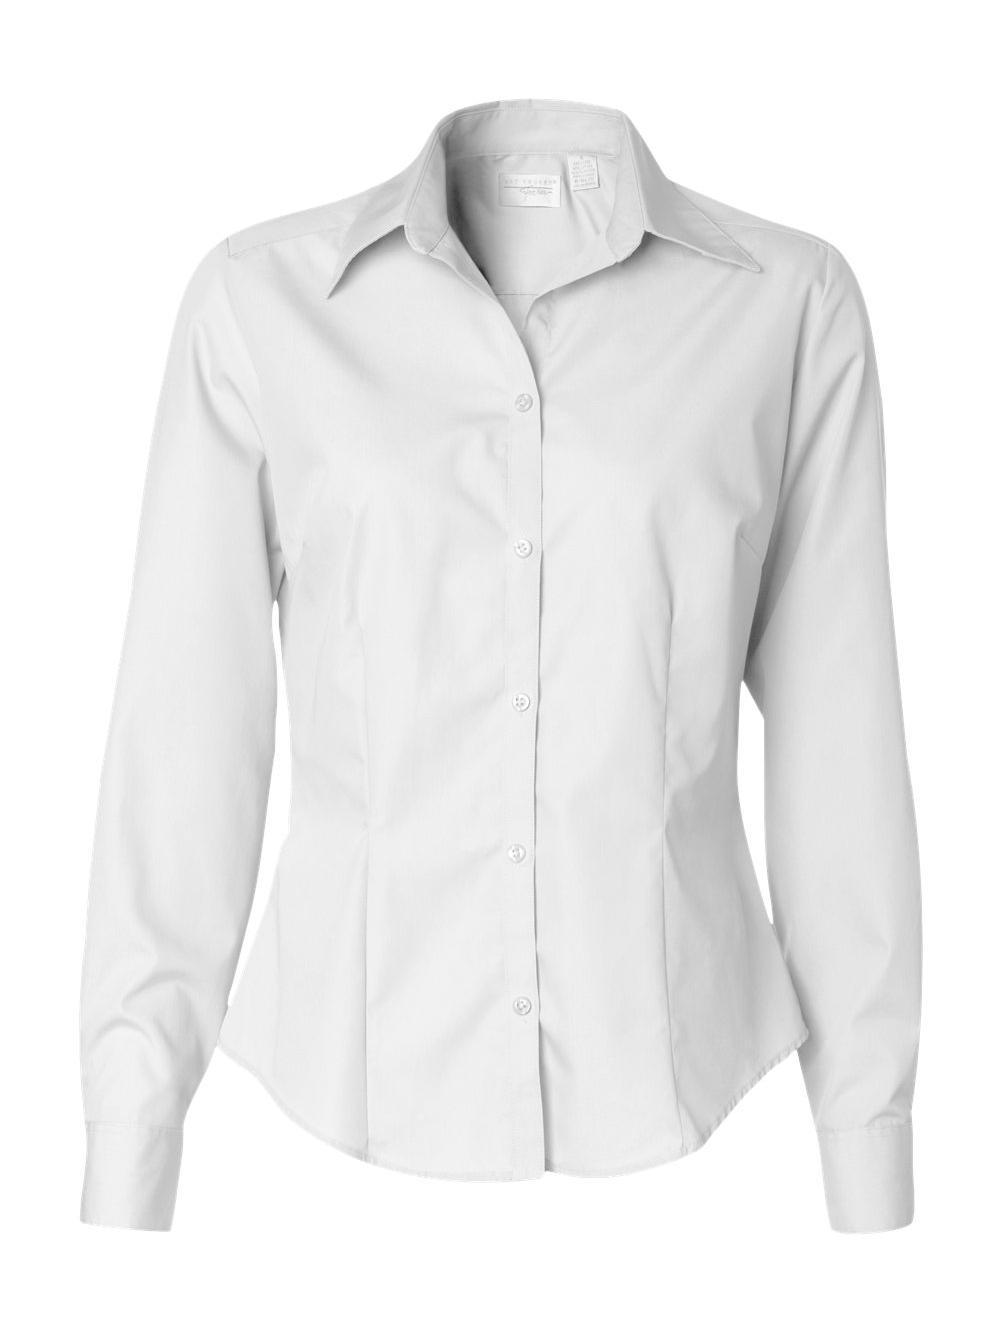 Van-Heusen-Women-039-s-Silky-Poplin-Shirt-13V0114 thumbnail 15